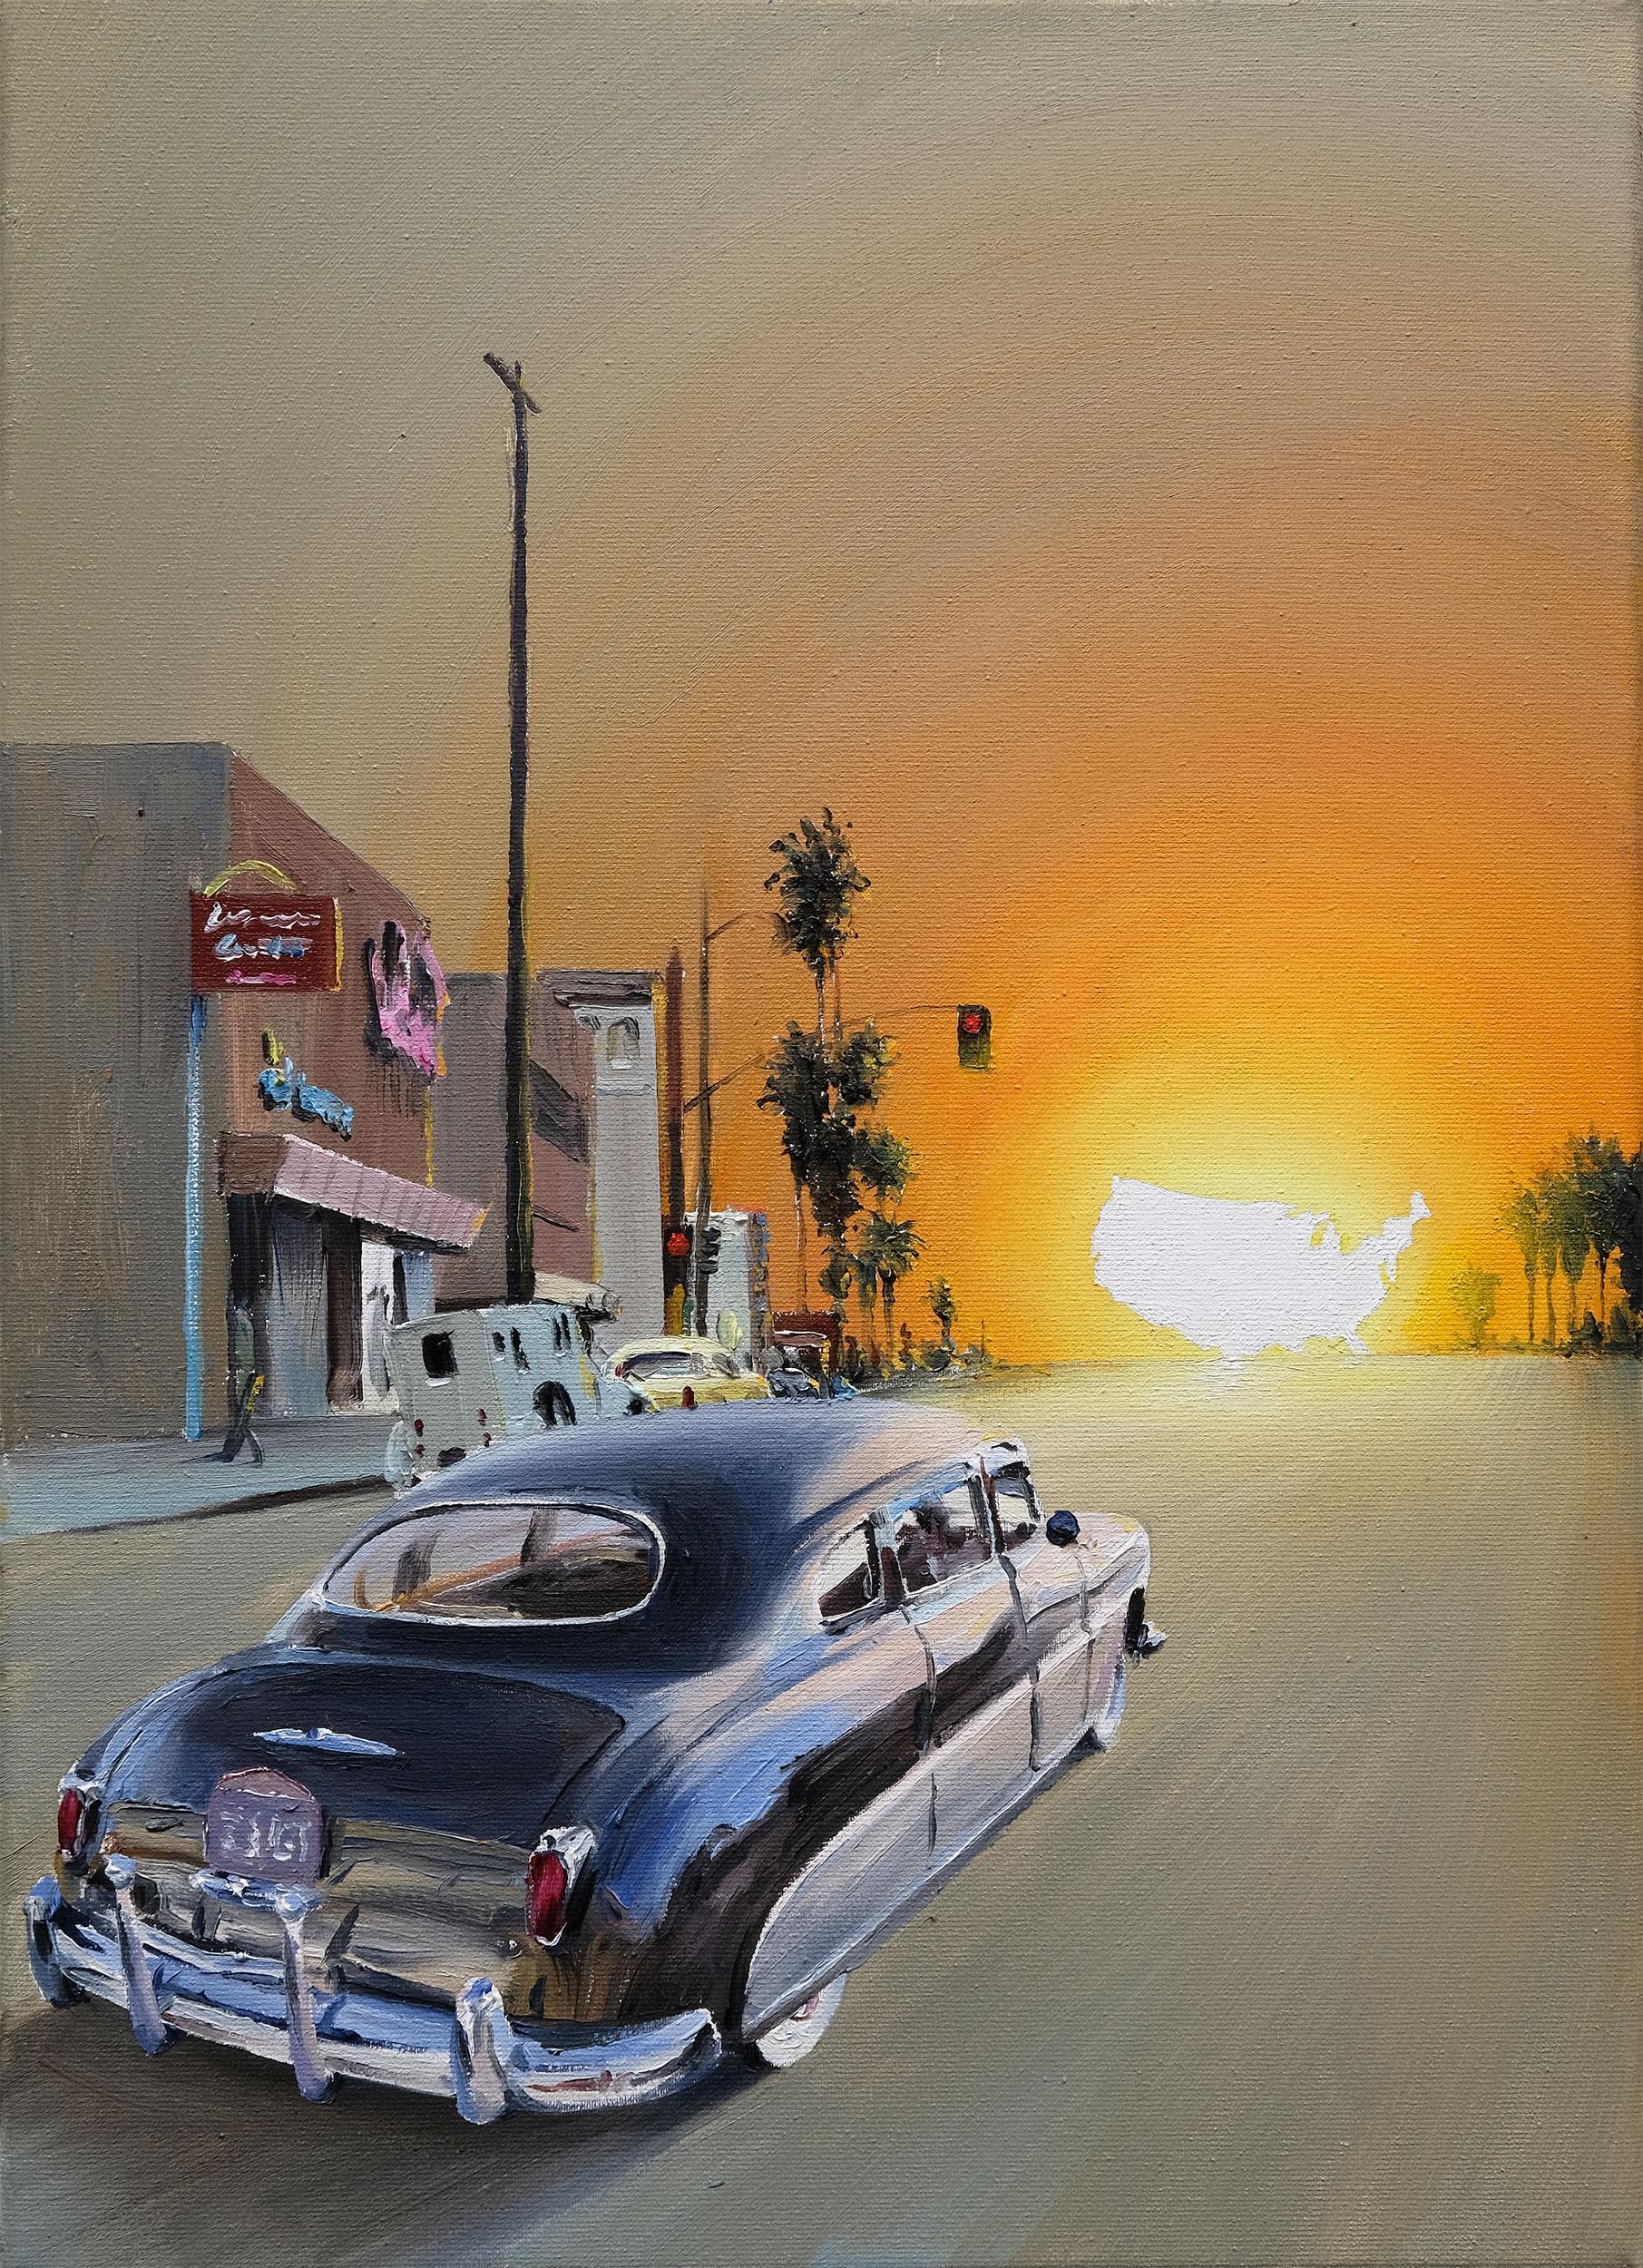 On The Road (Óleo sobre lienzo. 46 x 33 cm. 2019)